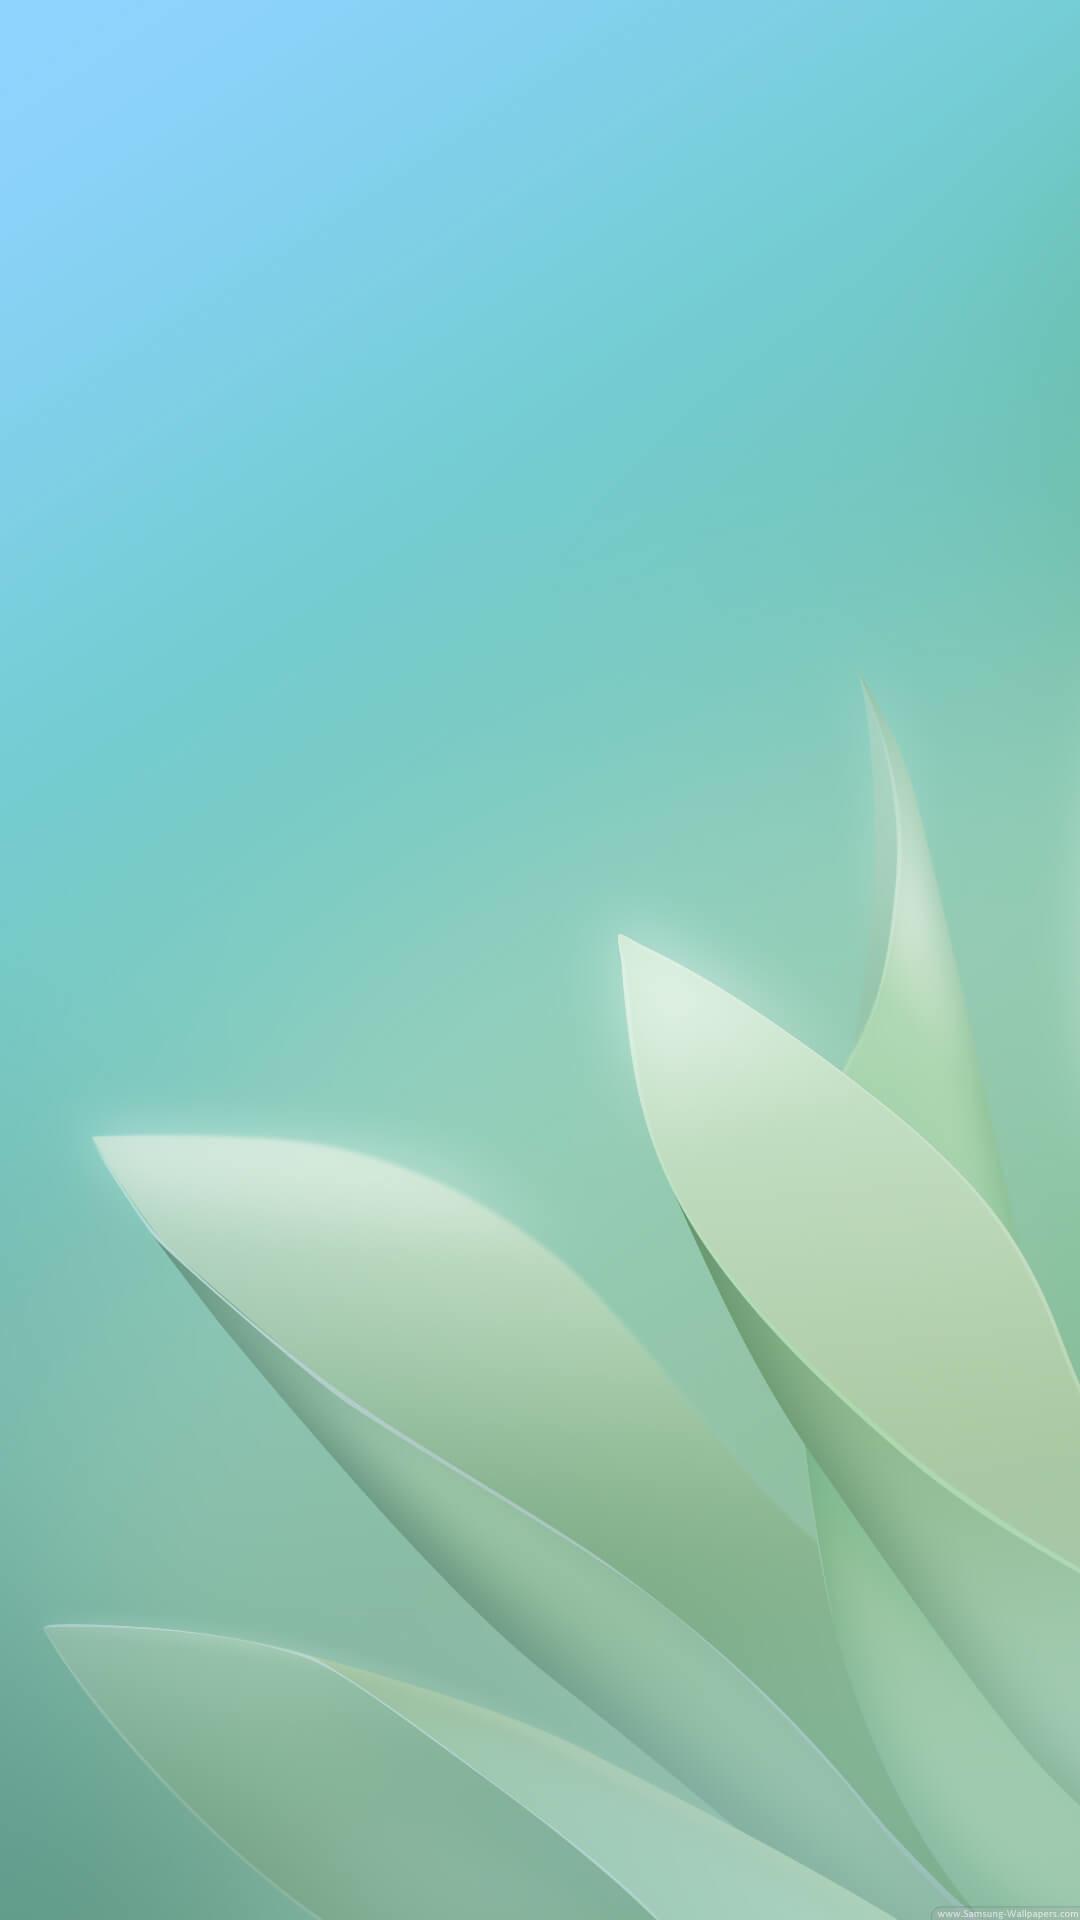 Most Inspiring Wallpaper Home Screen Cute - 685003  Trends_80713.jpg